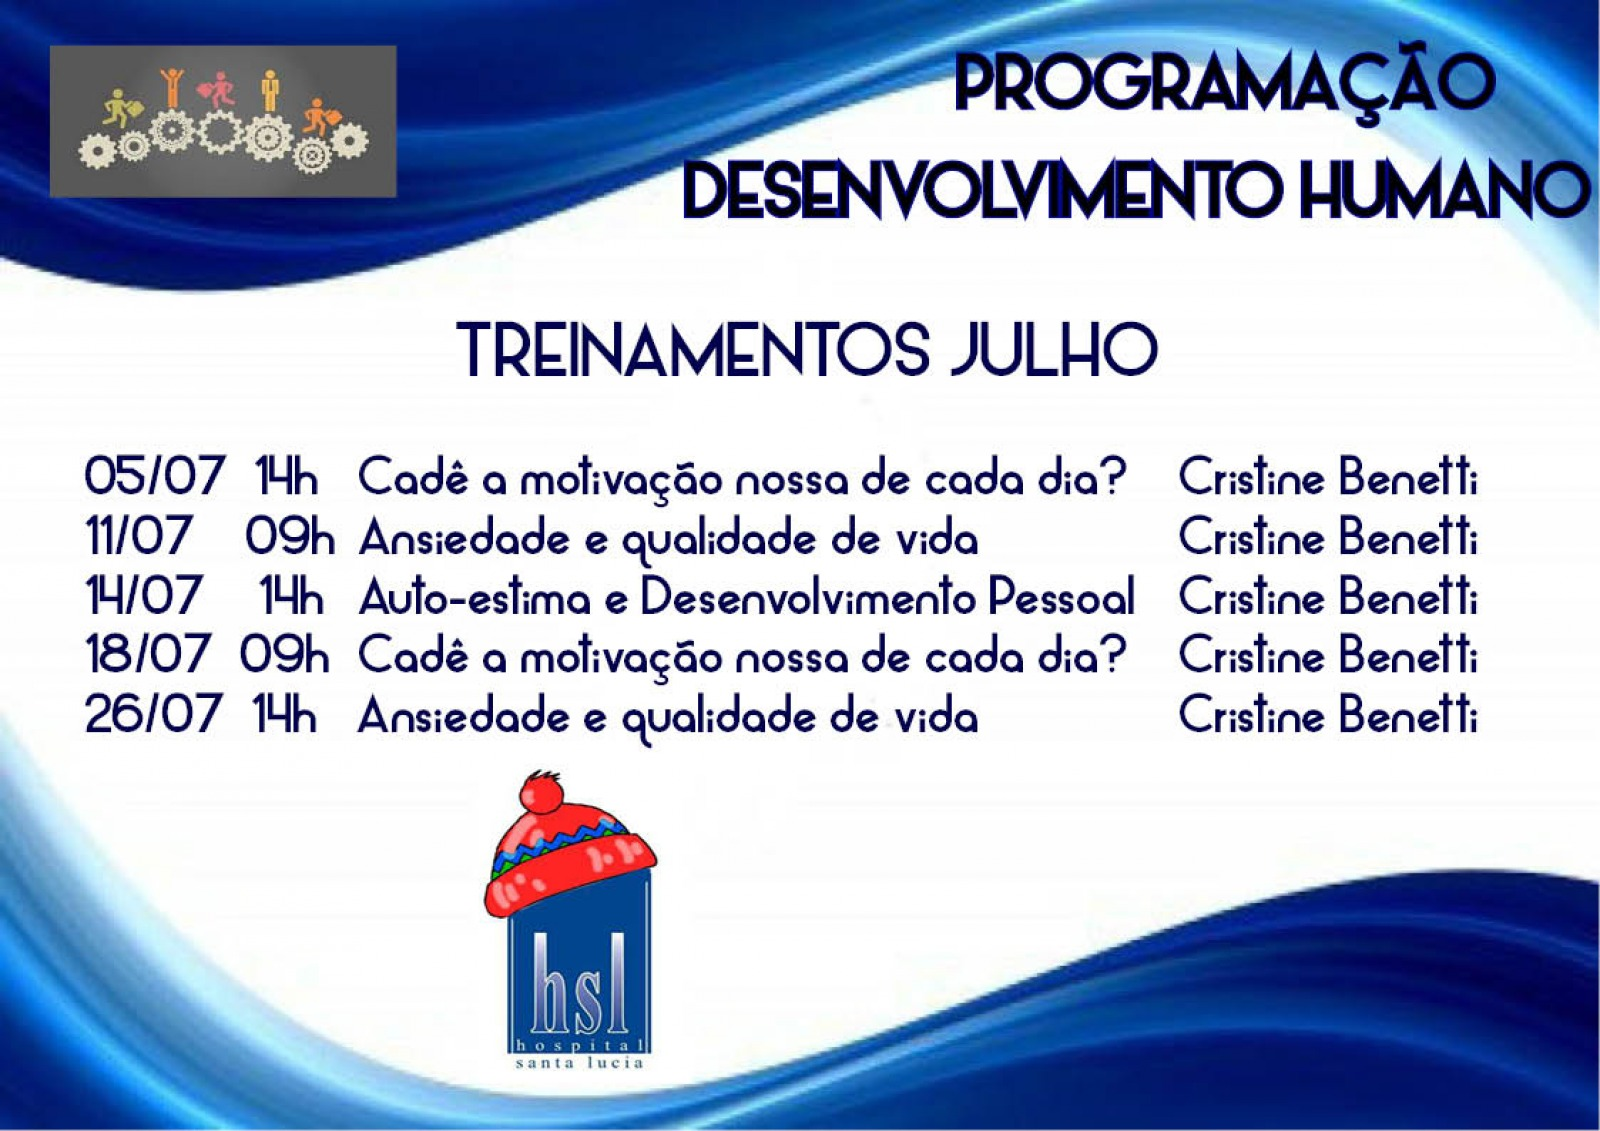 Treinamentos Desenvolvimento Humano - Julho